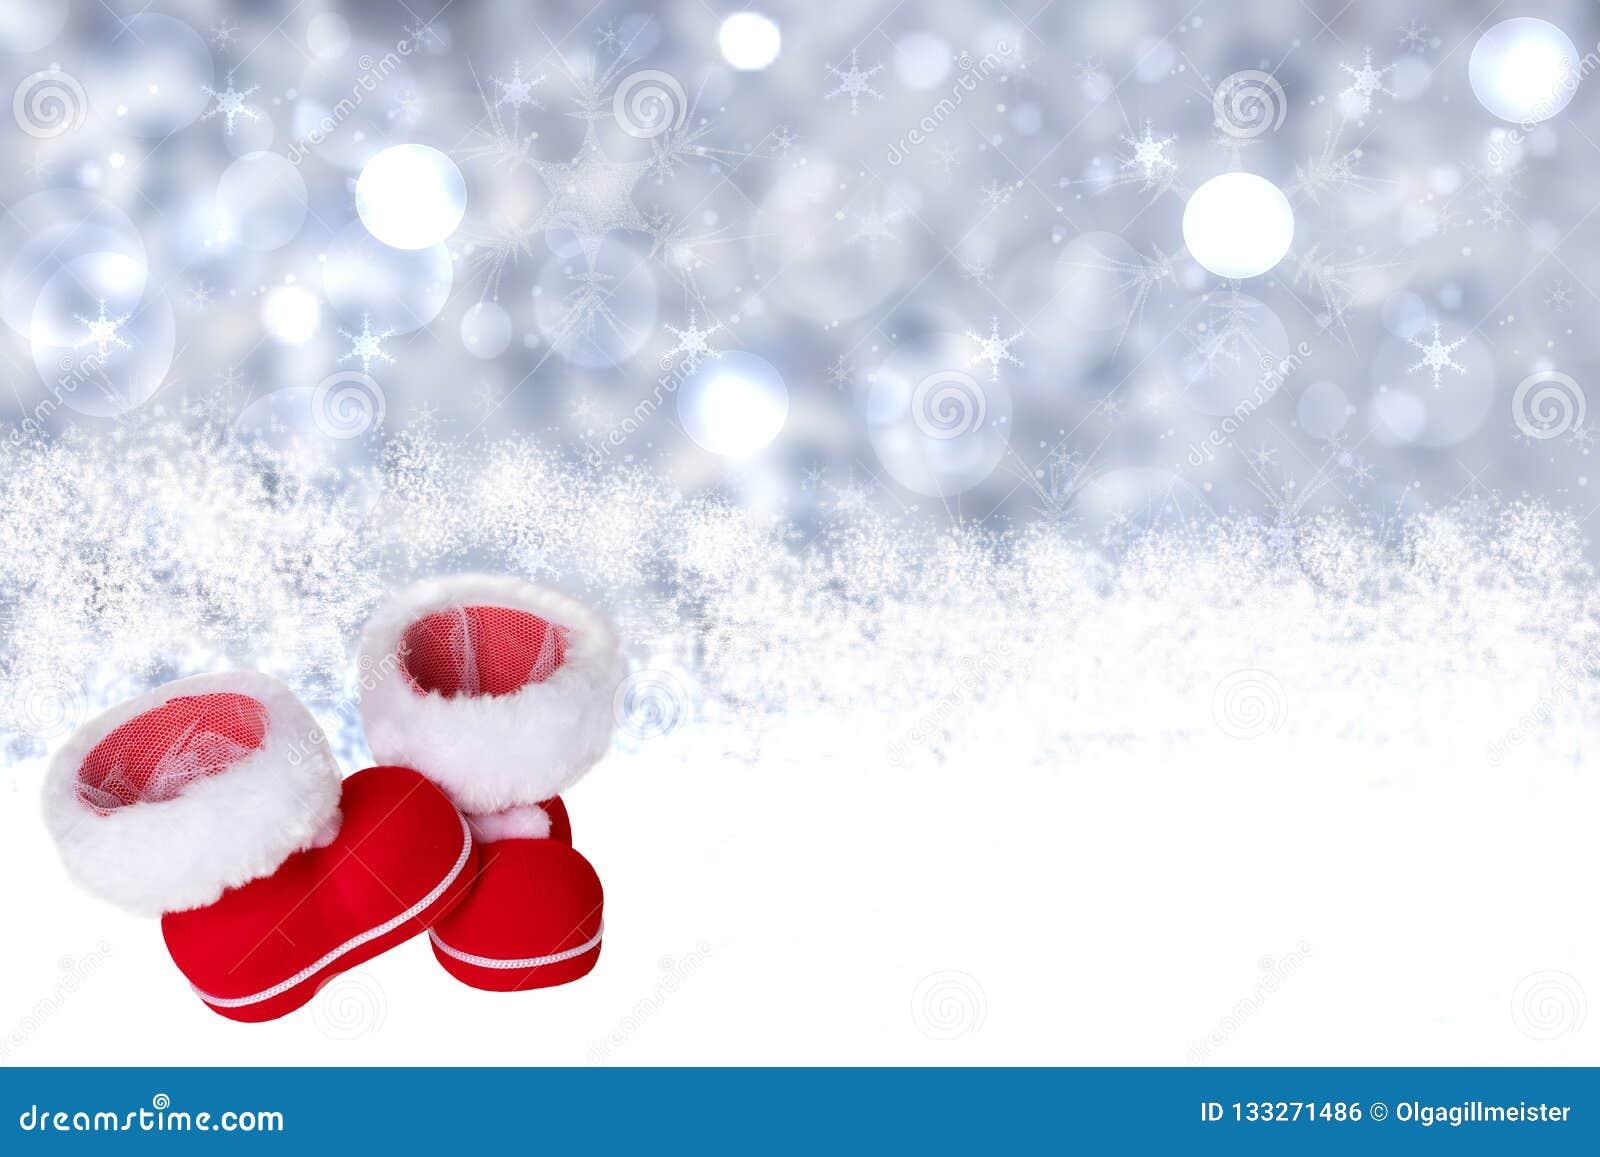 Vinter för blåa snowflakes för bakgrund vit Julvinter bakgrund withred Cristmas